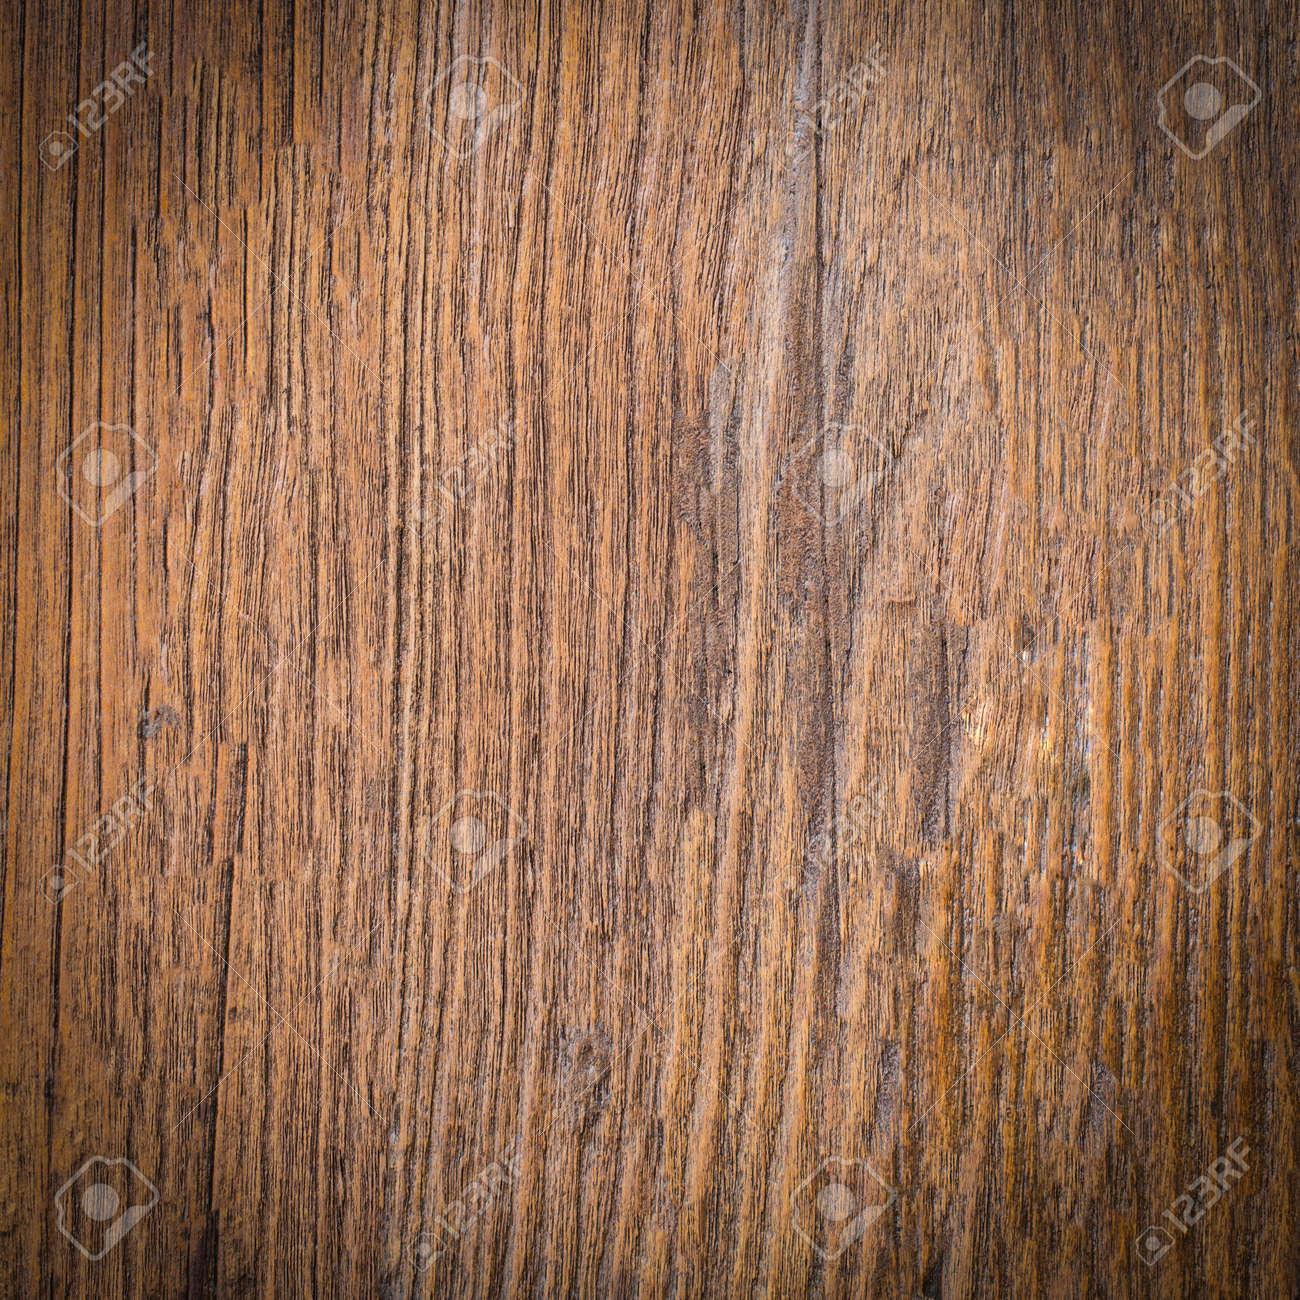 Boden Holz Hintergrund Fur Sie Entwerfen Lizenzfreie Fotos Bilder